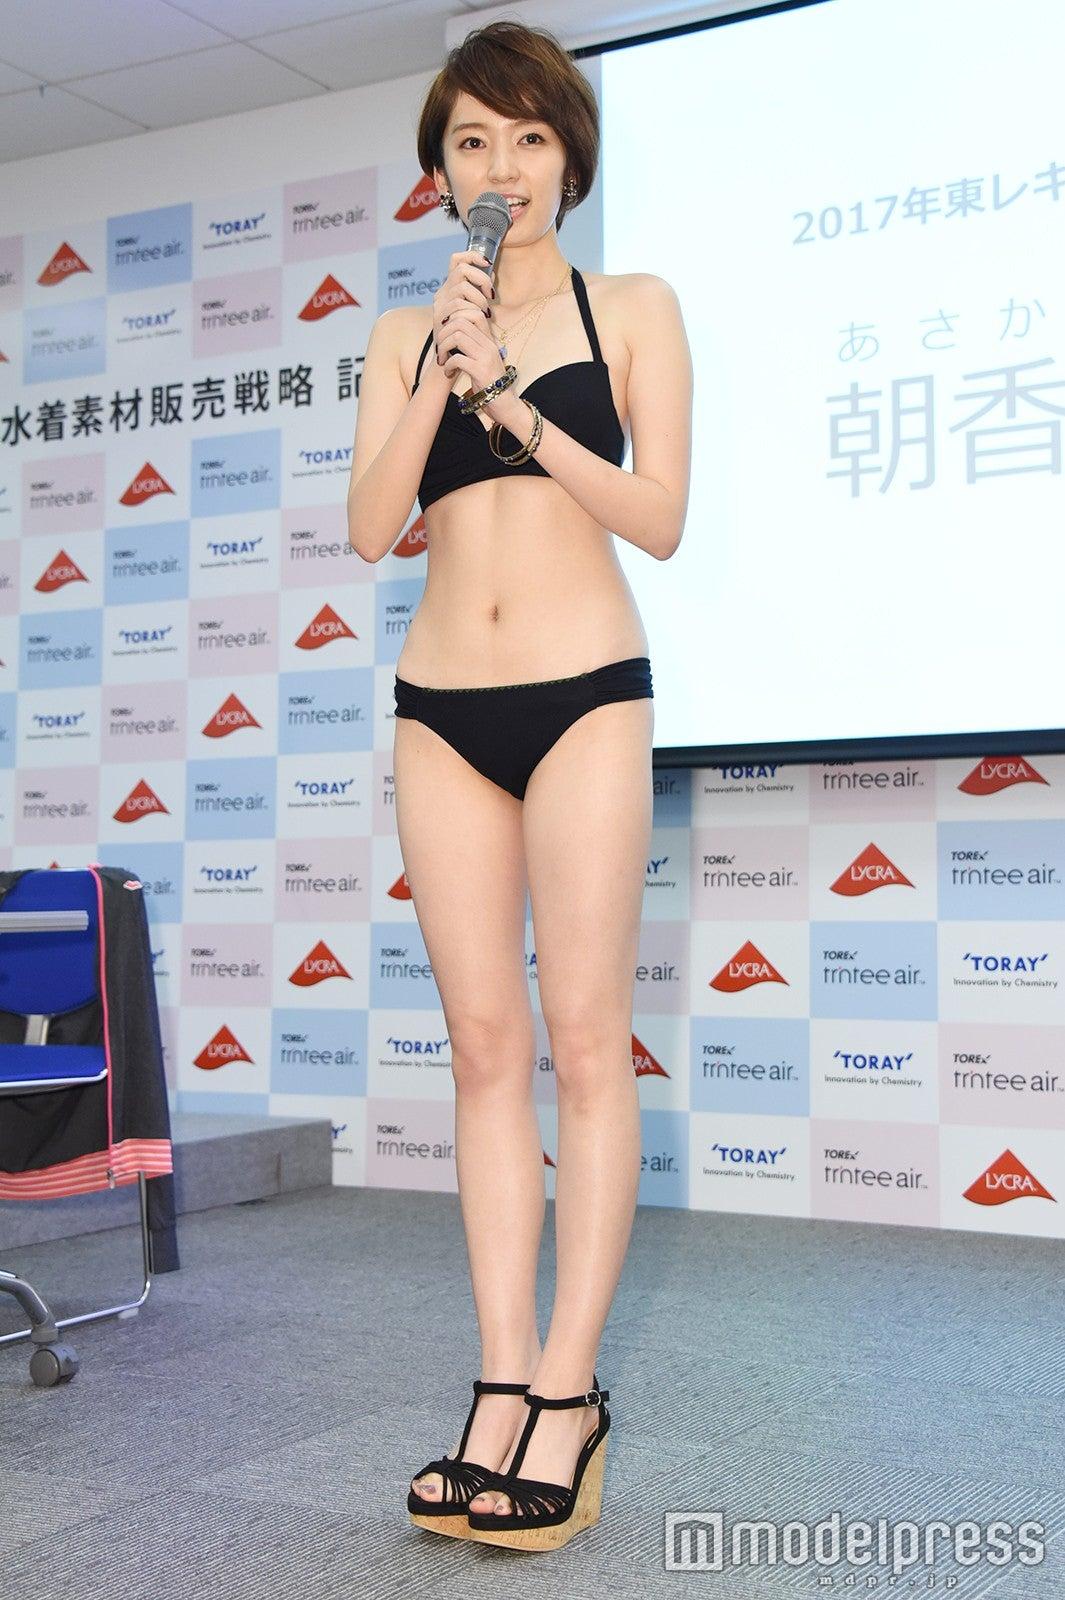 歴代最年長スレンダー美女 東レキャンペーンガール決定 ビキニ姿お披露目で感無量の涙 モデルプレス